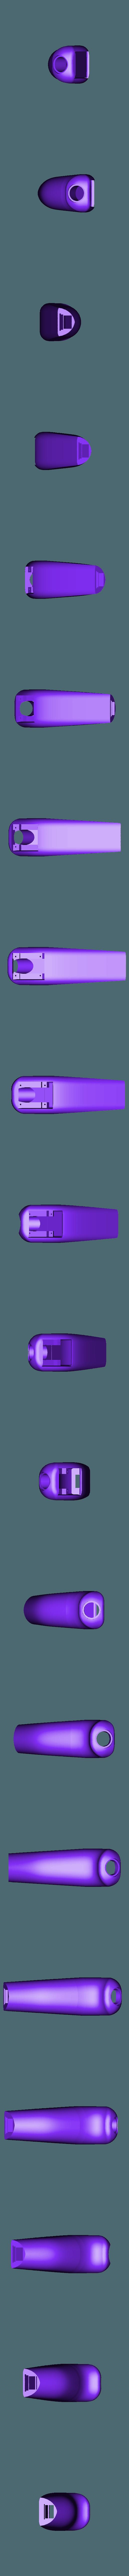 Joystick.stl Télécharger fichier STL gratuit Joystick ESP8266 / MPU6050 • Plan imprimable en 3D, Frederic_JELMONI